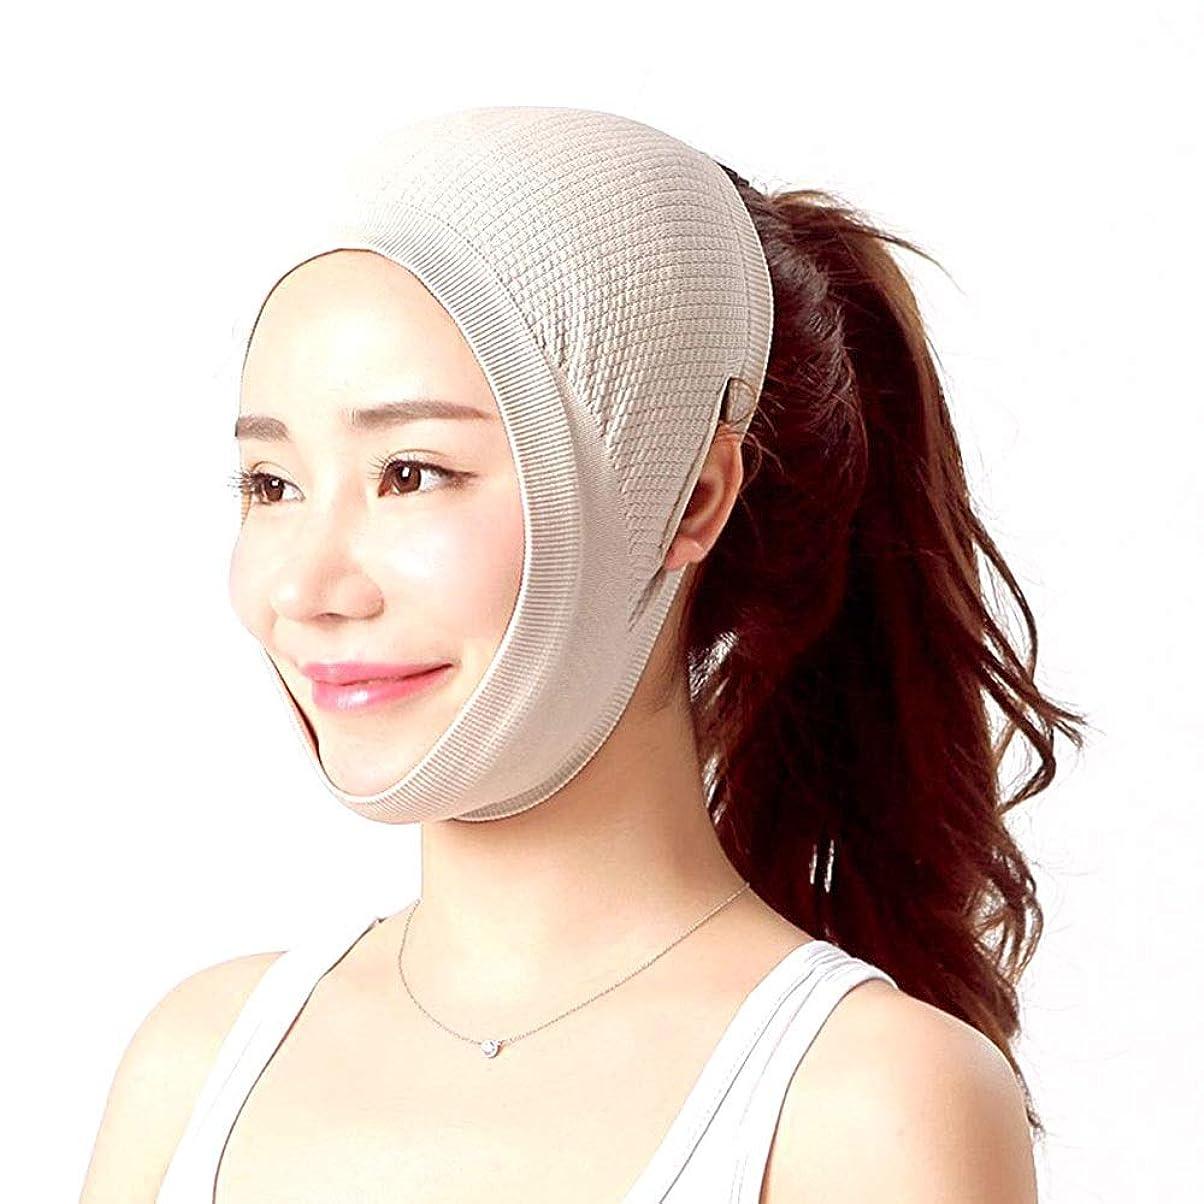 聡明副産物退屈させるフェイスリフティングアーティファクト包帯ライン術後回復包帯リフティングフェイスフードVフェイス包帯リフティングVフェイス美容マスク - 肌のトーン